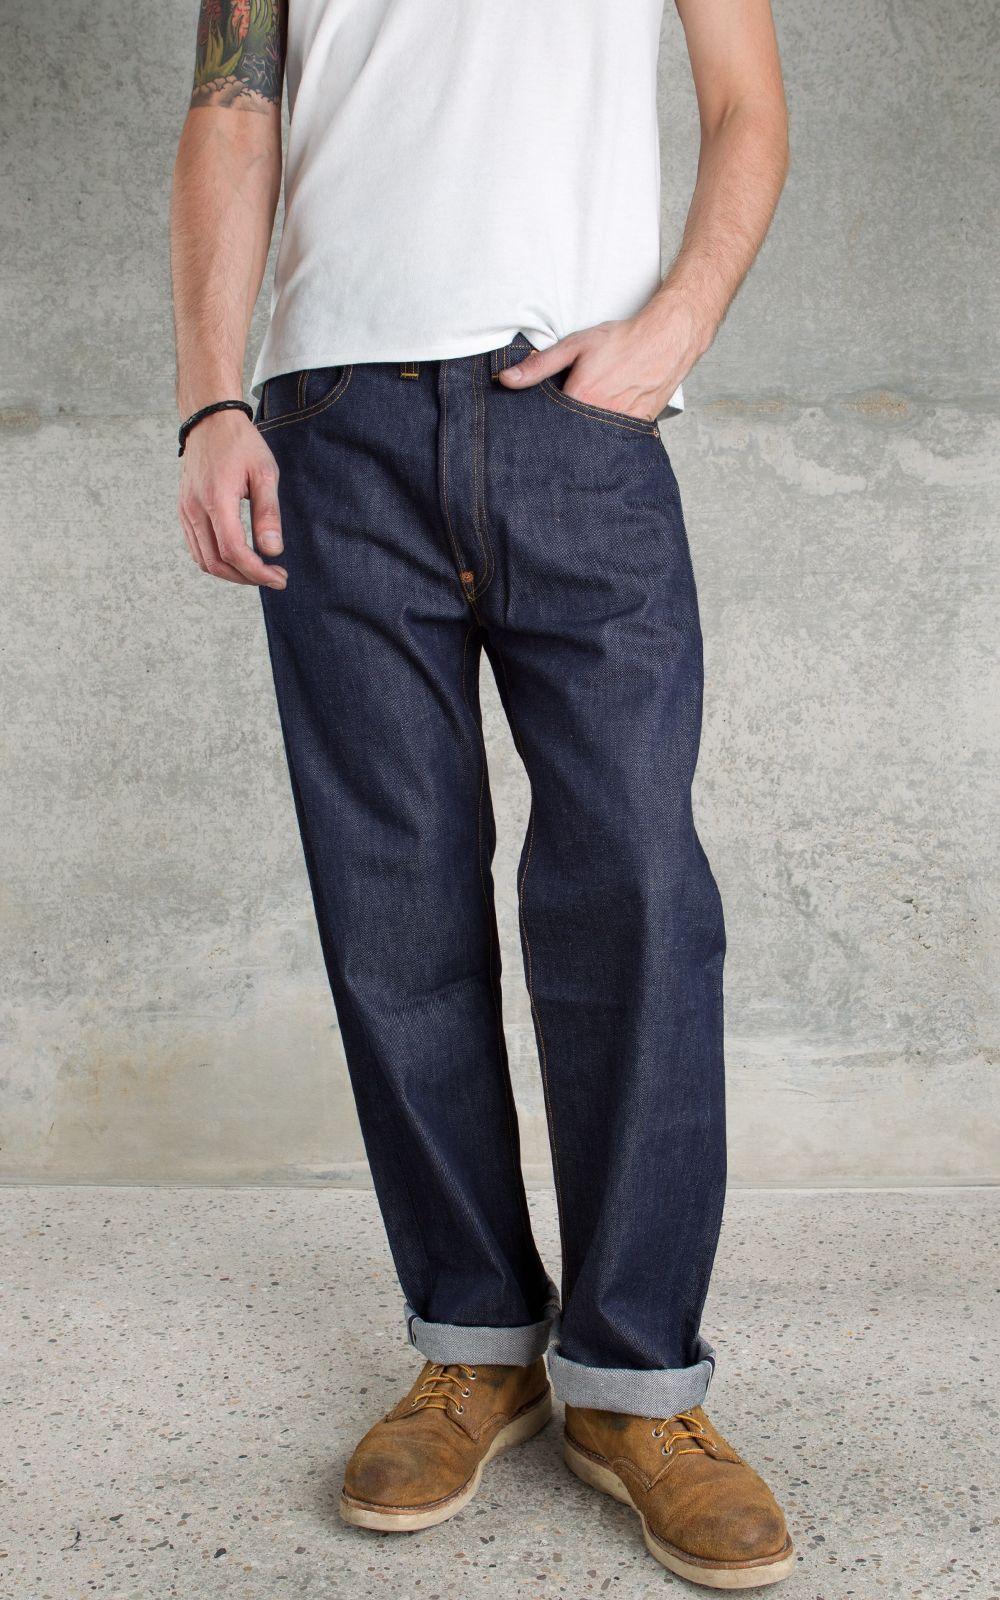 Chemise Jeans Levis à levi´s vintage clothing 1933 501 jeans rigid — shrink to fit, trivia